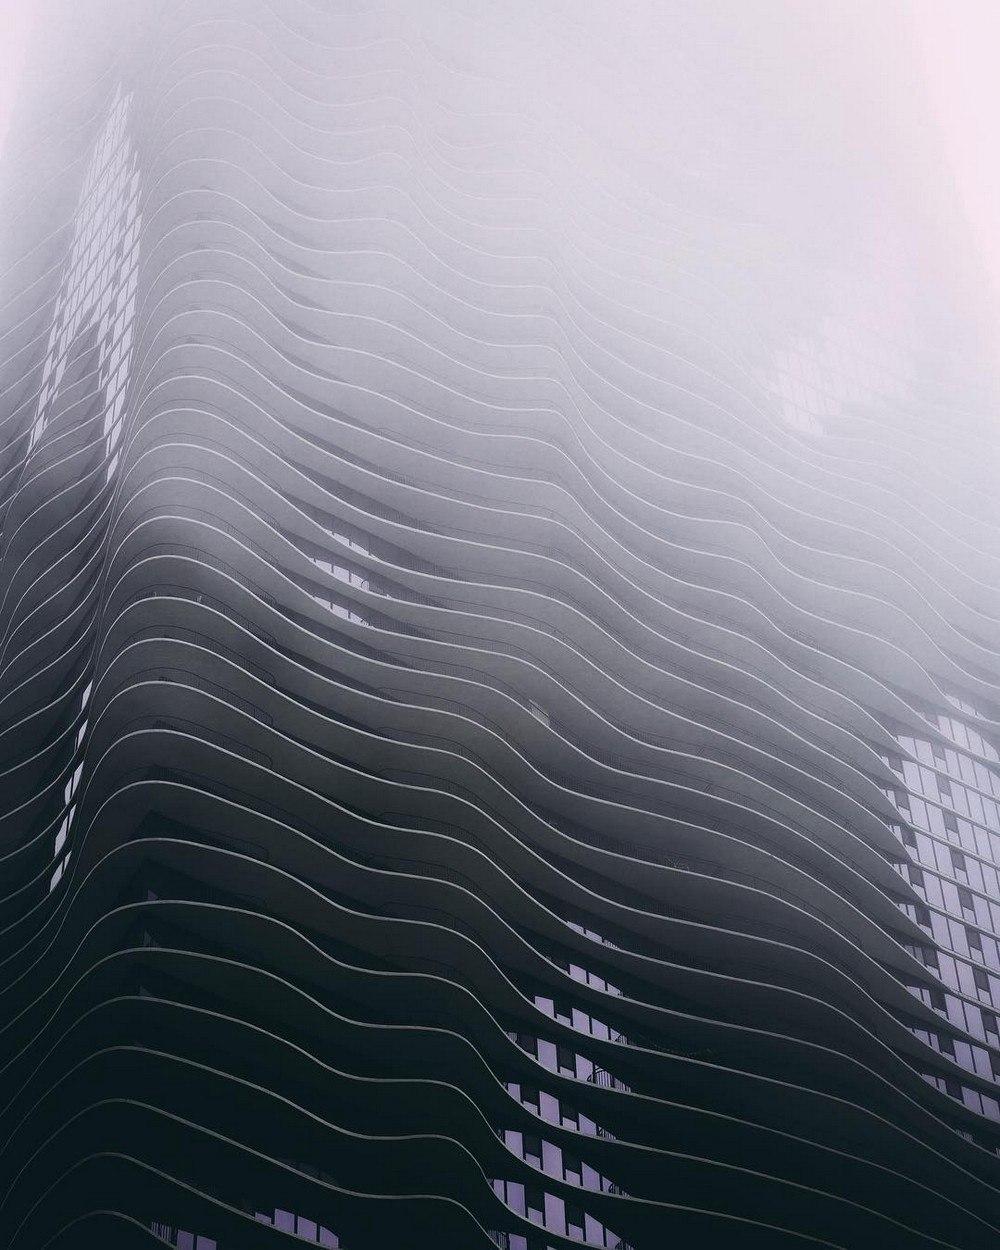 2Q4wWfcxMbo - Шедевры архитектурной и городской фотографии